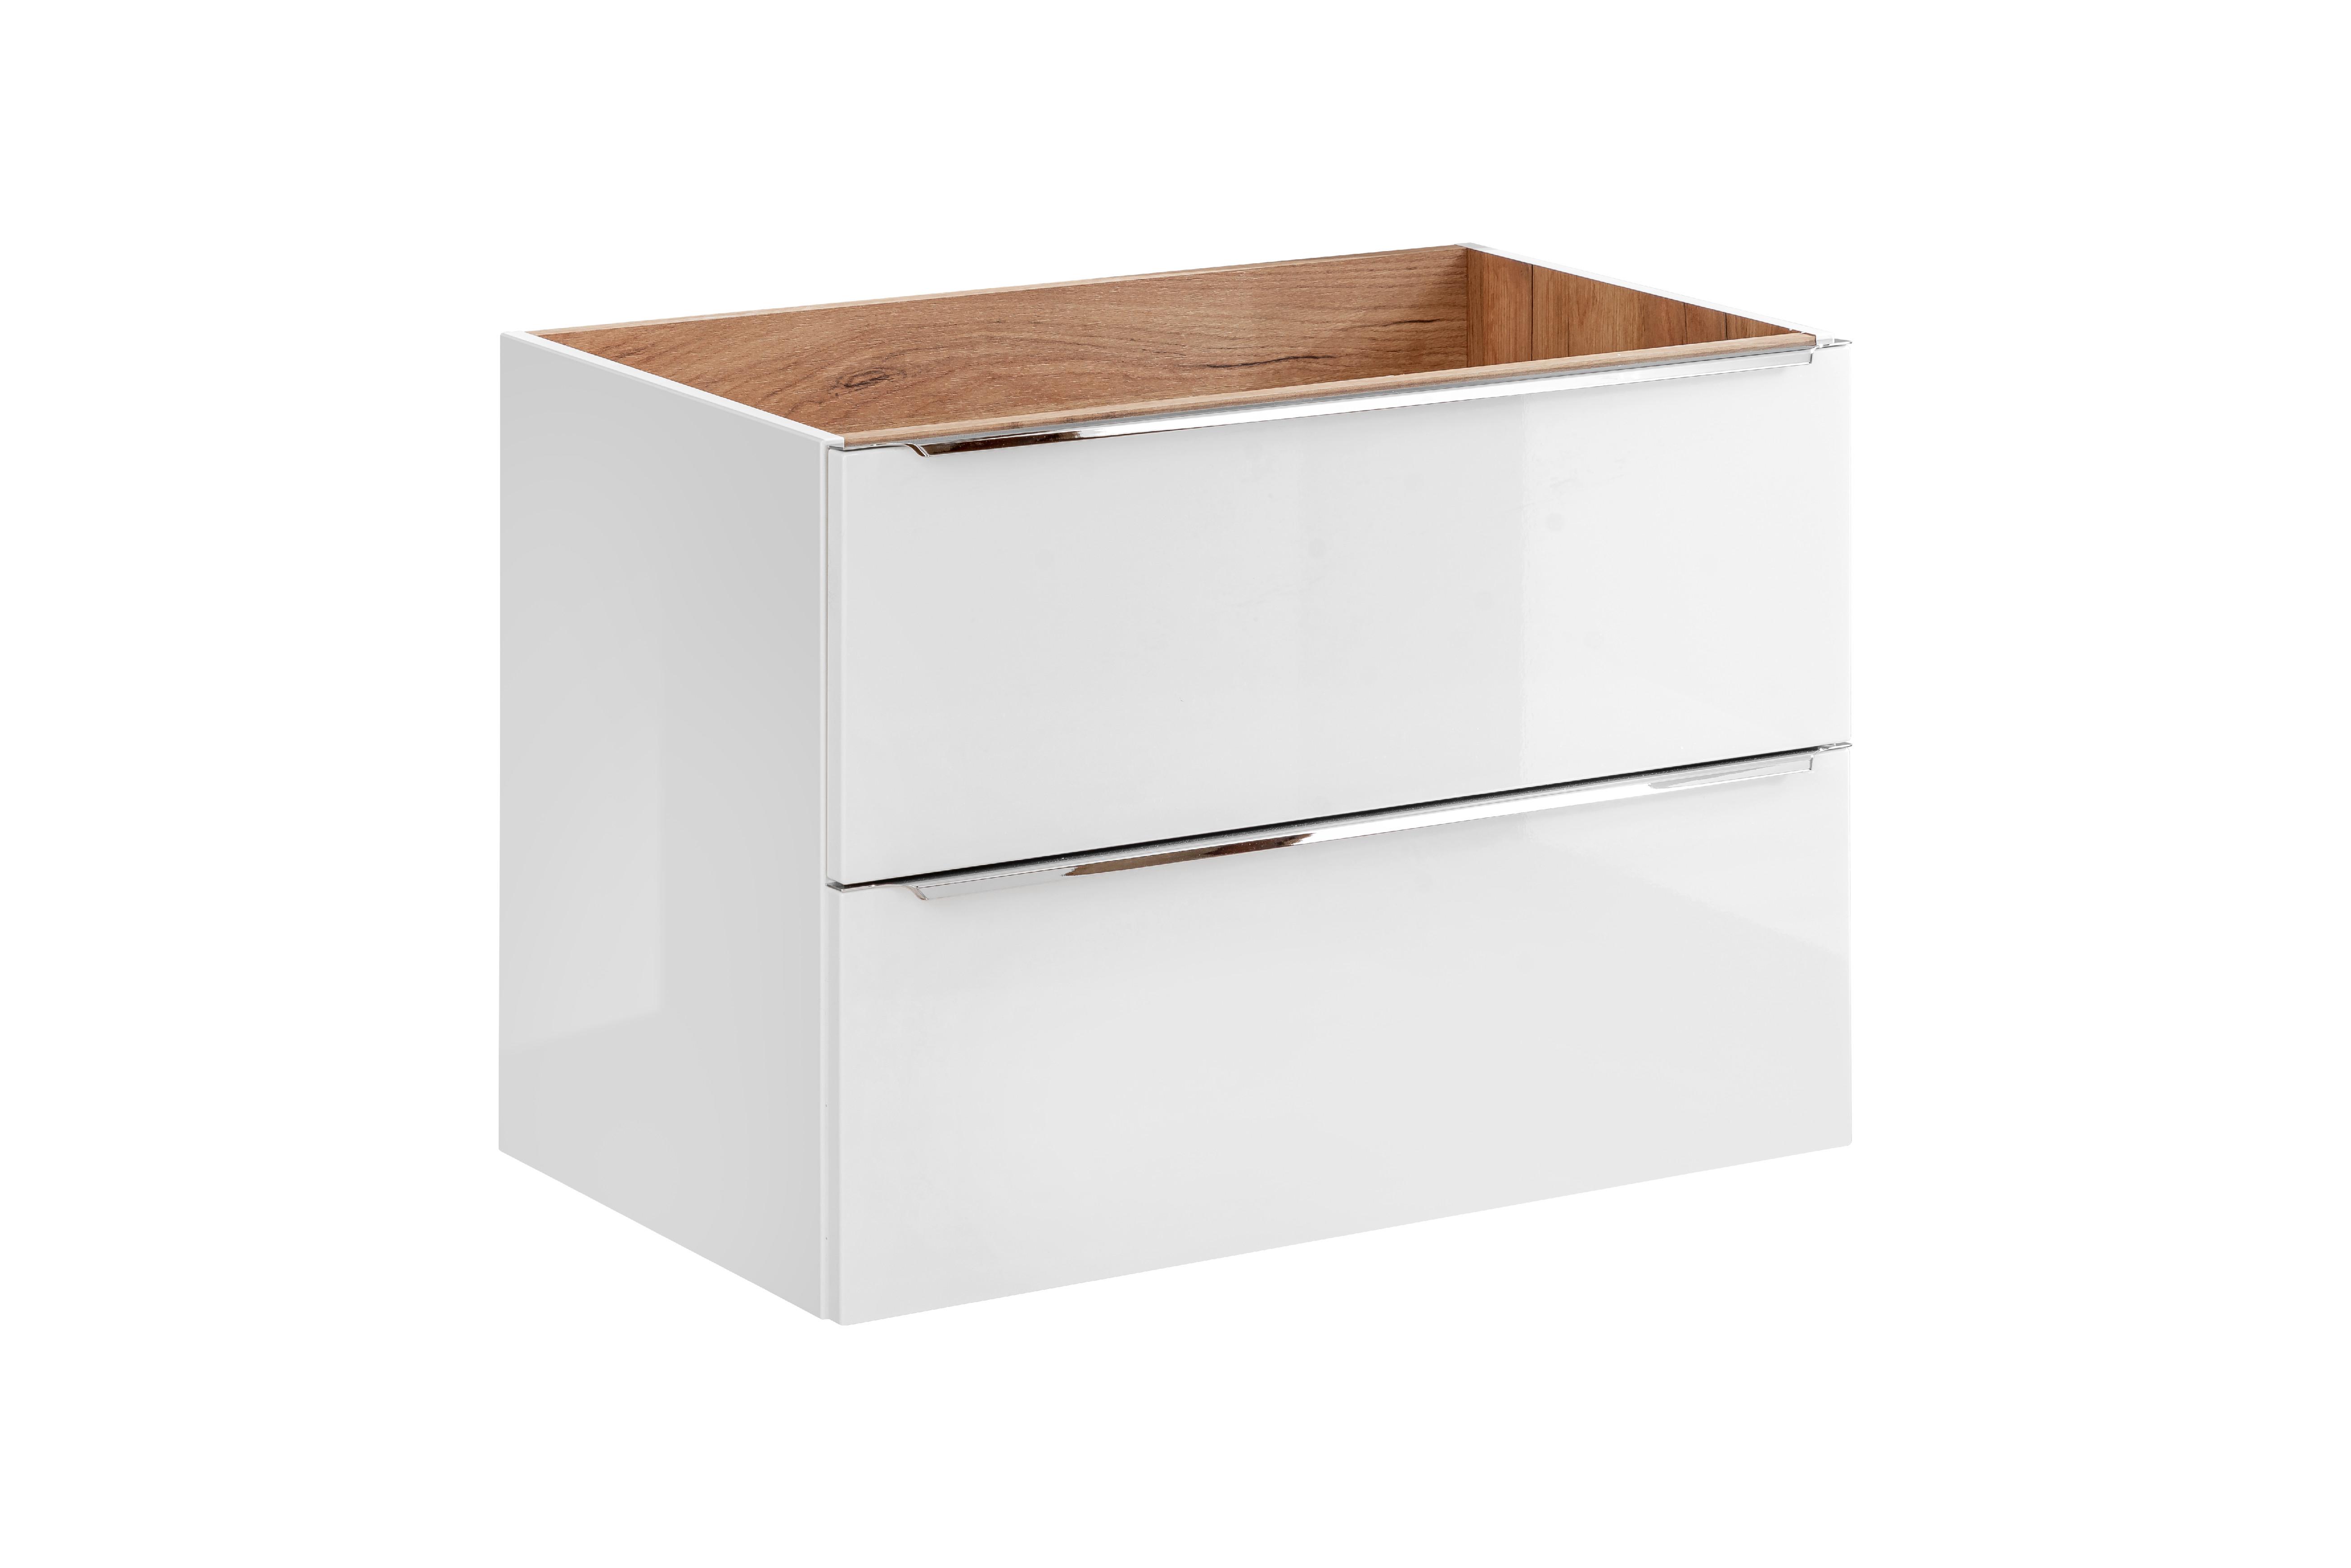 ArtCom Kúpeľňová zostava Capri | biela Capri | biela: Skrinka pod umývadlo 821 - 80 cm